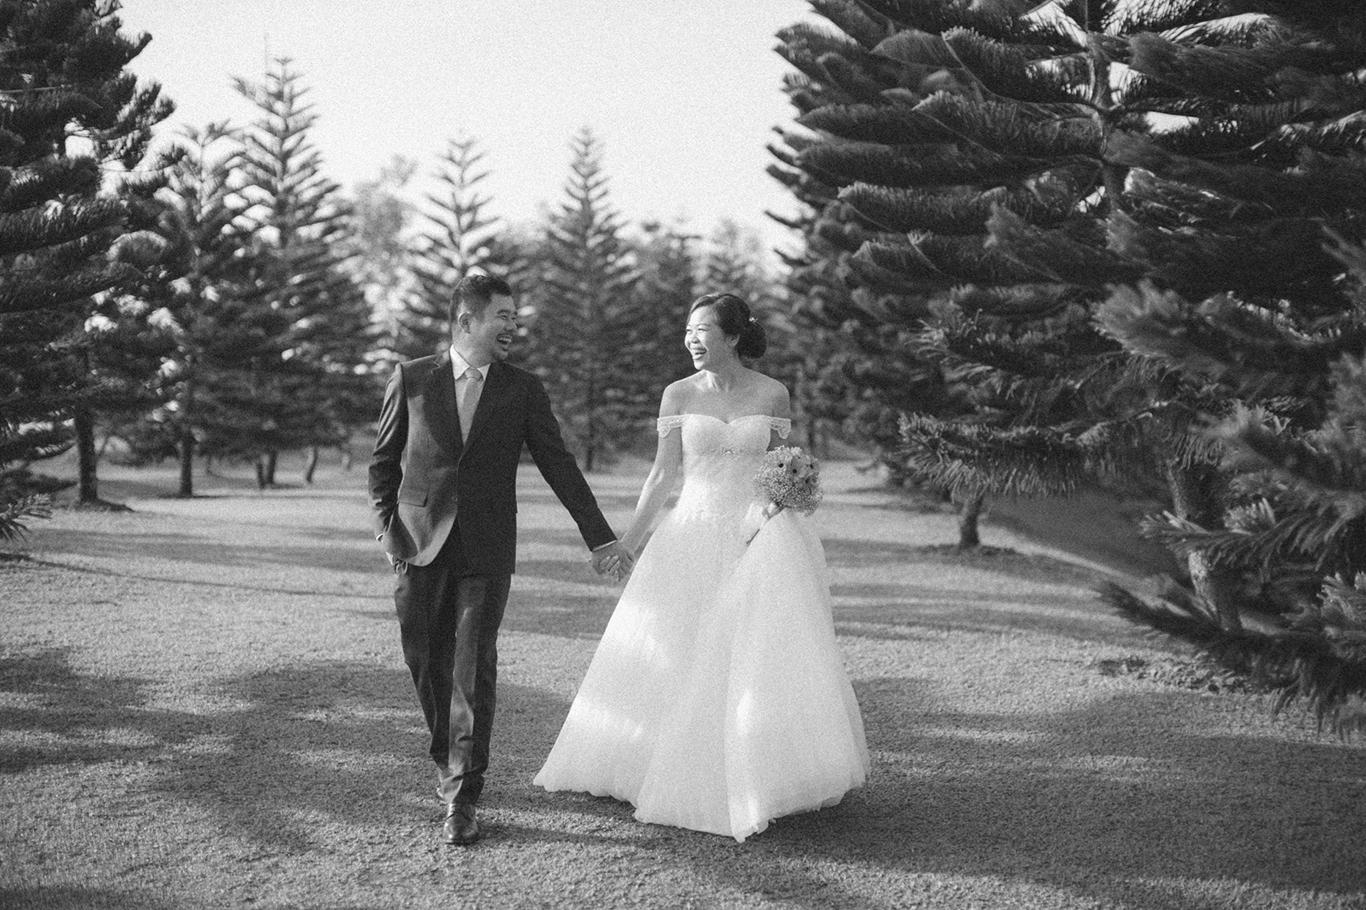 122-hellojanelee-amazing-wedding-2015-malaysia